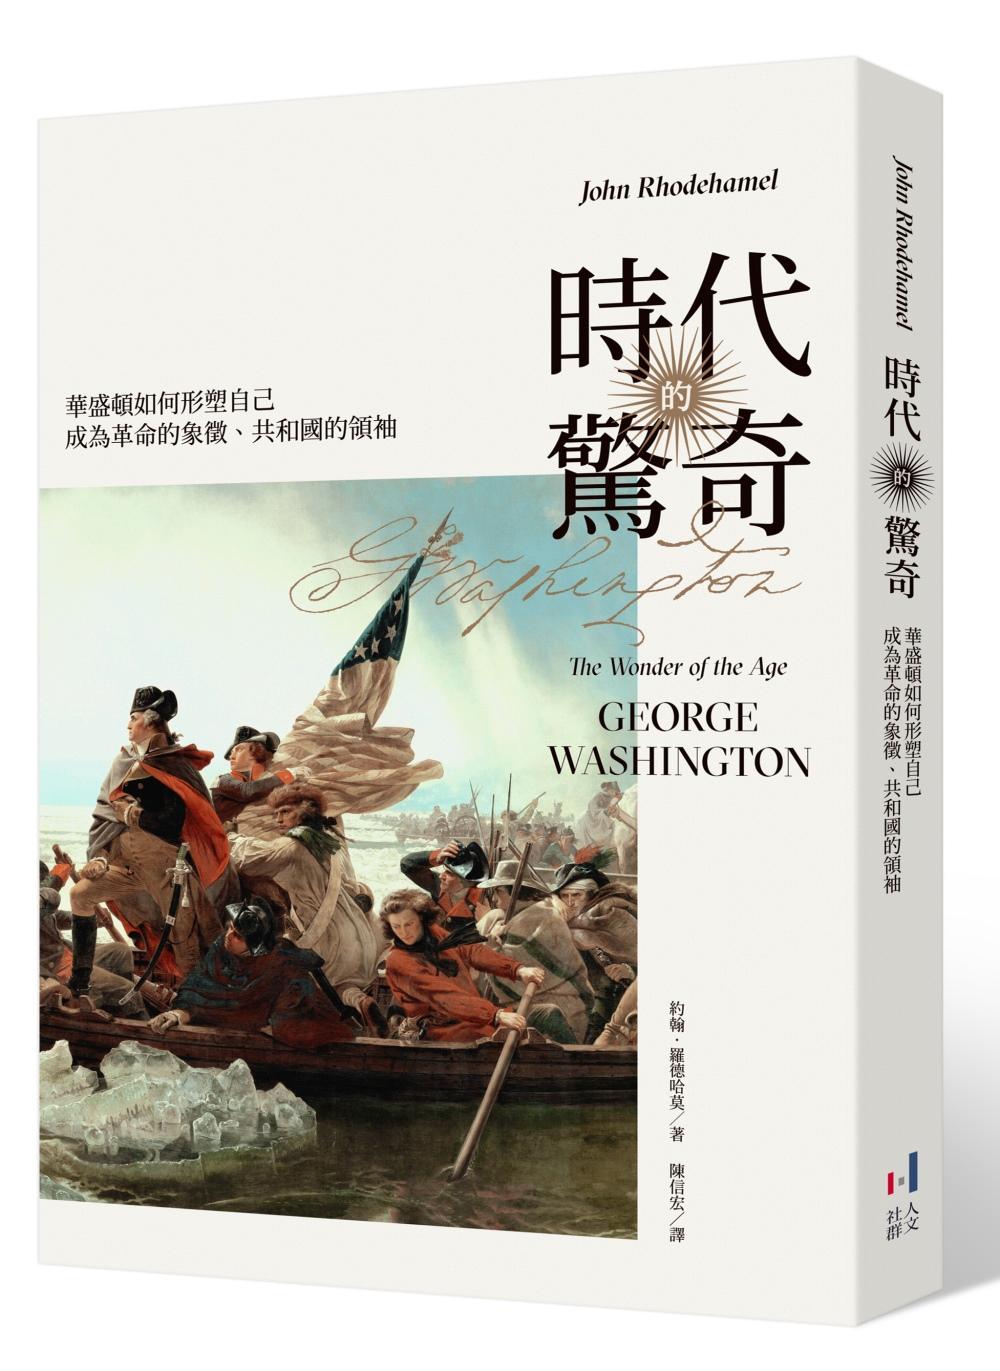 時代的驚奇:華盛頓如何形塑自己成為革命的象徵、共和國的領袖